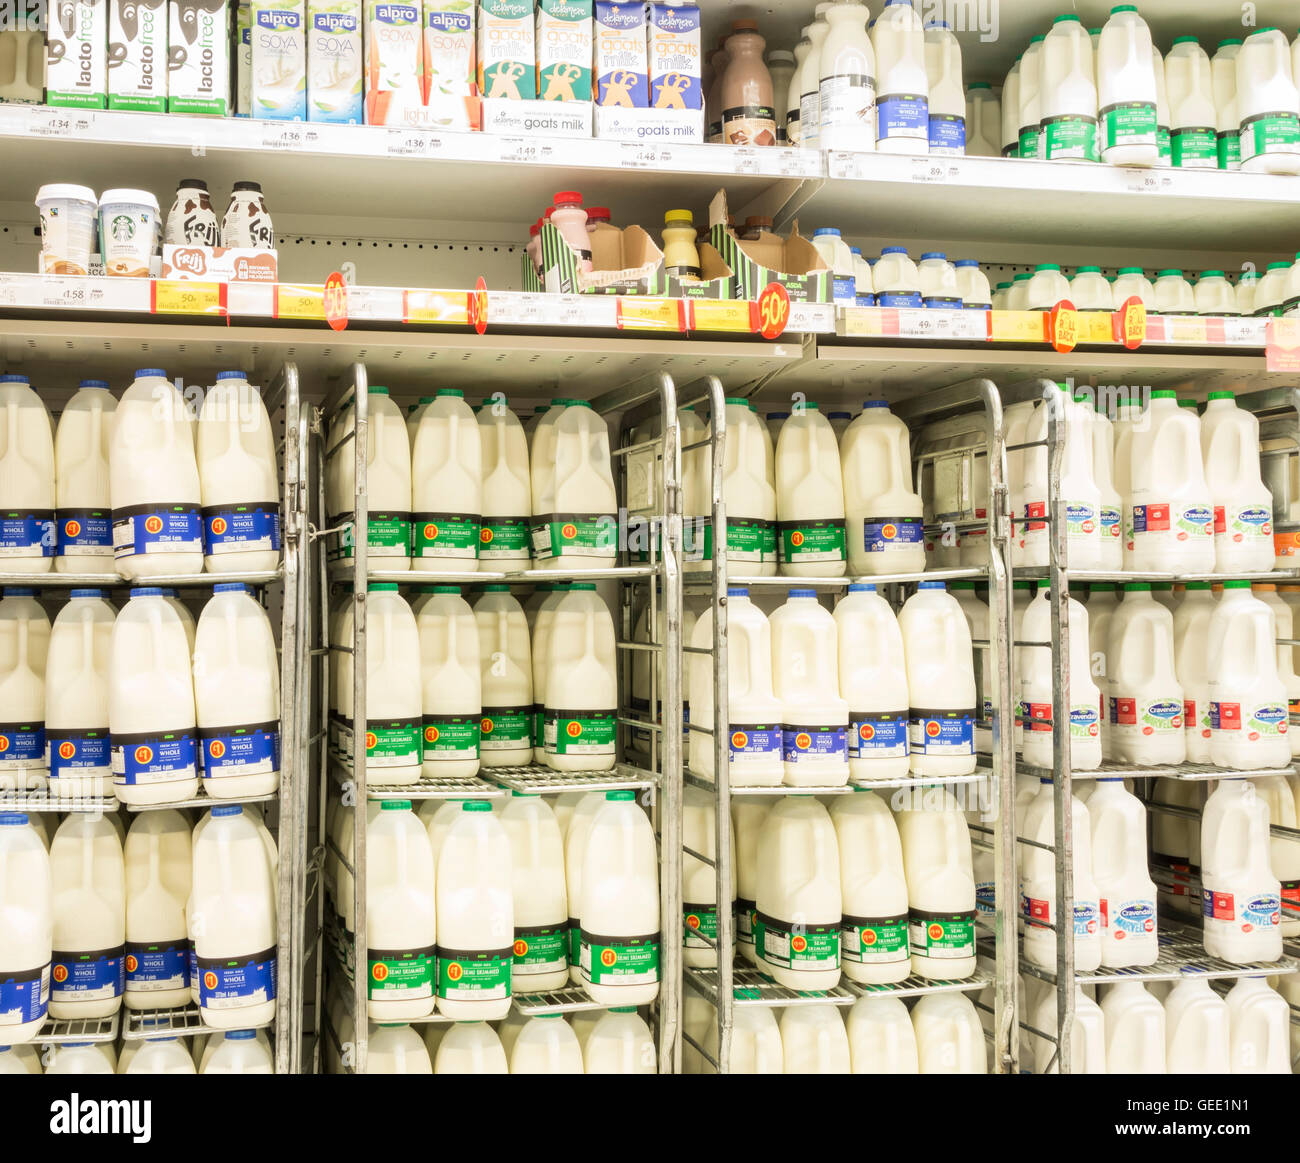 Milk Asda Stock Photos Milk Asda Stock Images Alamy